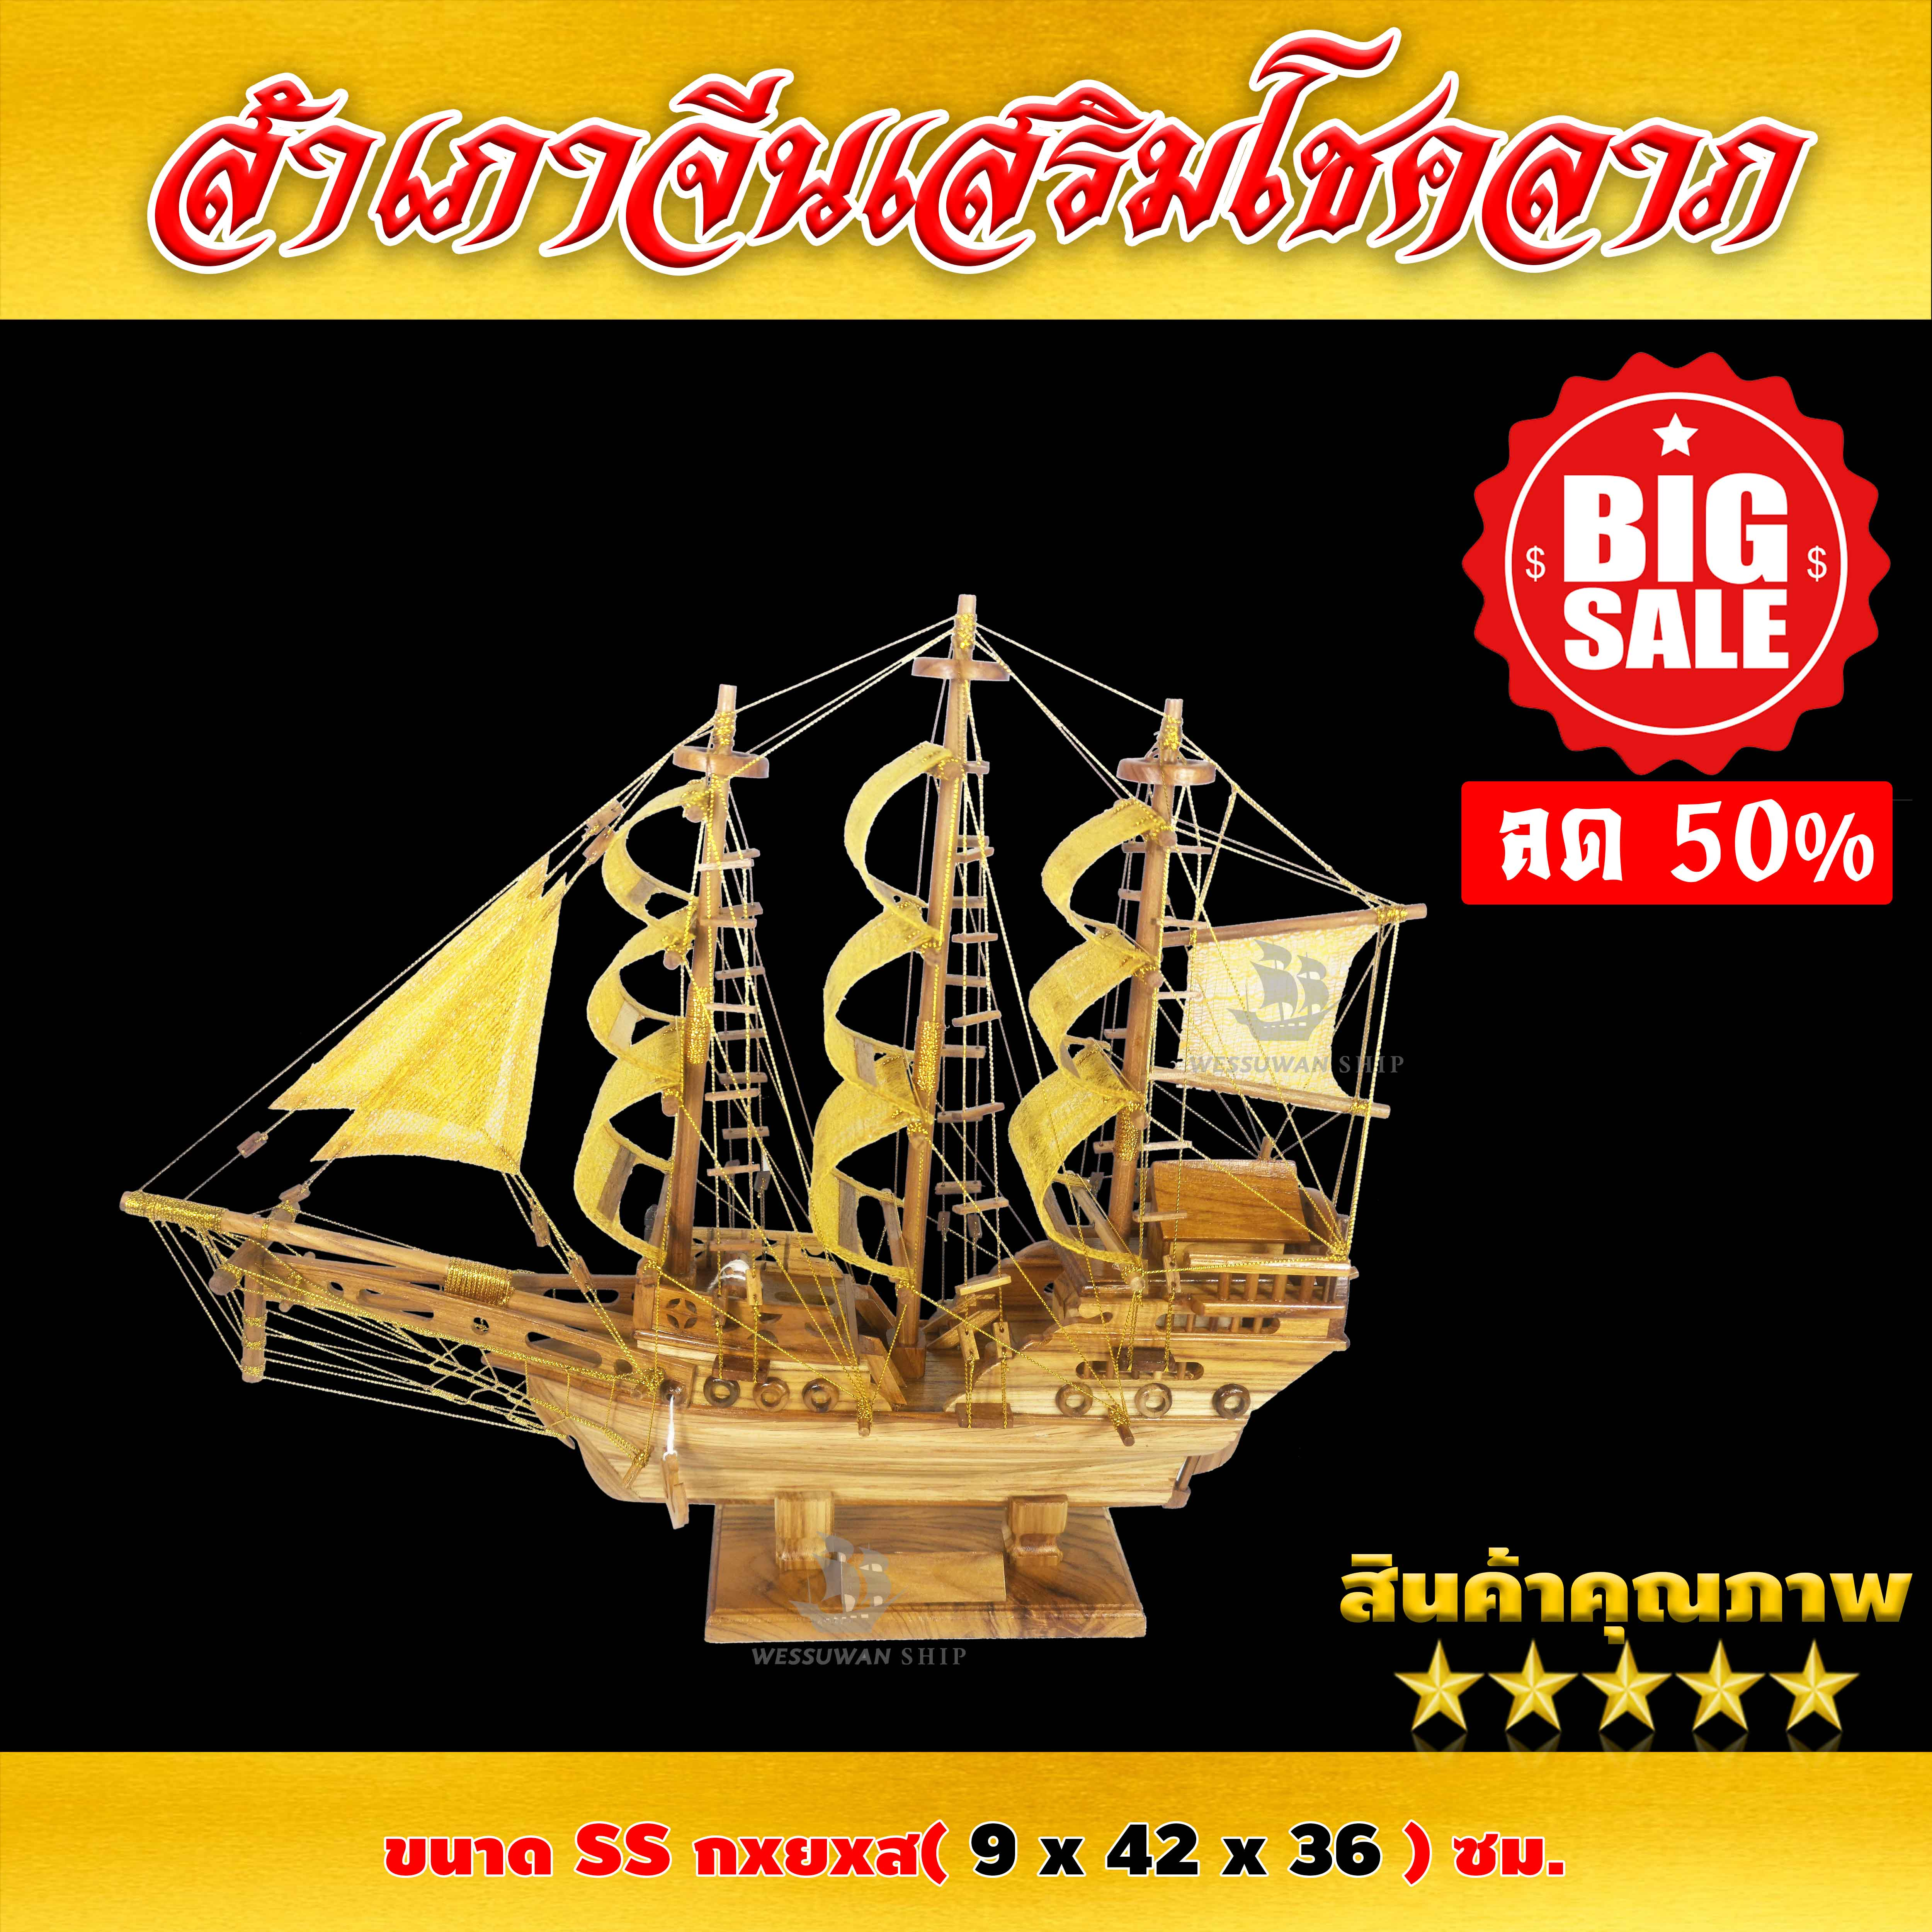 เรือสำเภาจีน ใบโค้ง 9 ใบ สีทอง เรือจำลอง เรือสำเภา ทำจากไม้สักทองแท้ เรือสำเภาจำลอง เรือสำเภาจีน เรือสำเภามงคล เรือใบมงคล เรือไม้จำลอง